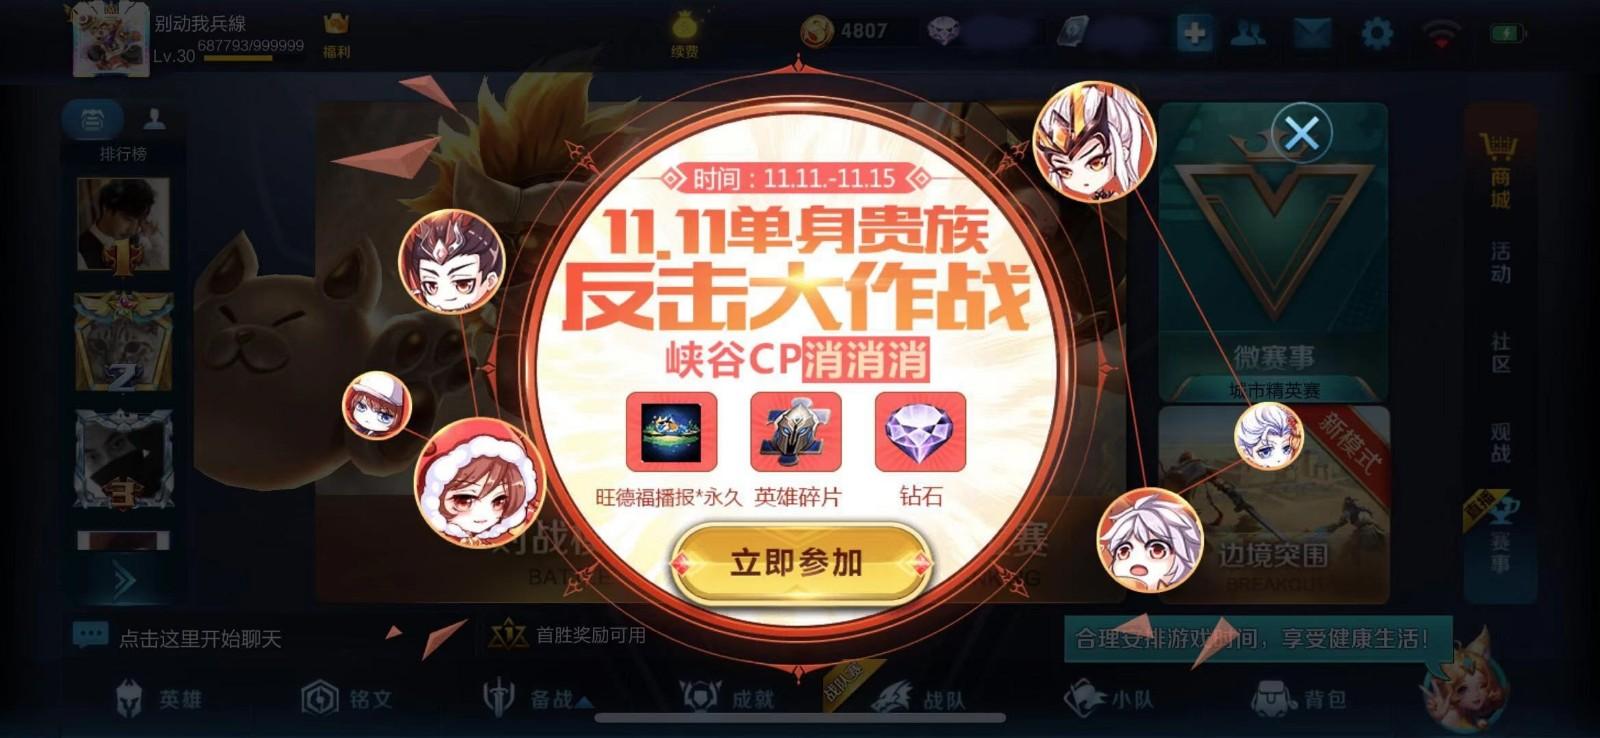 王者荣耀双11单身贵族反击大作战玩法攻略 峡谷消除CP玩法大全[多图]